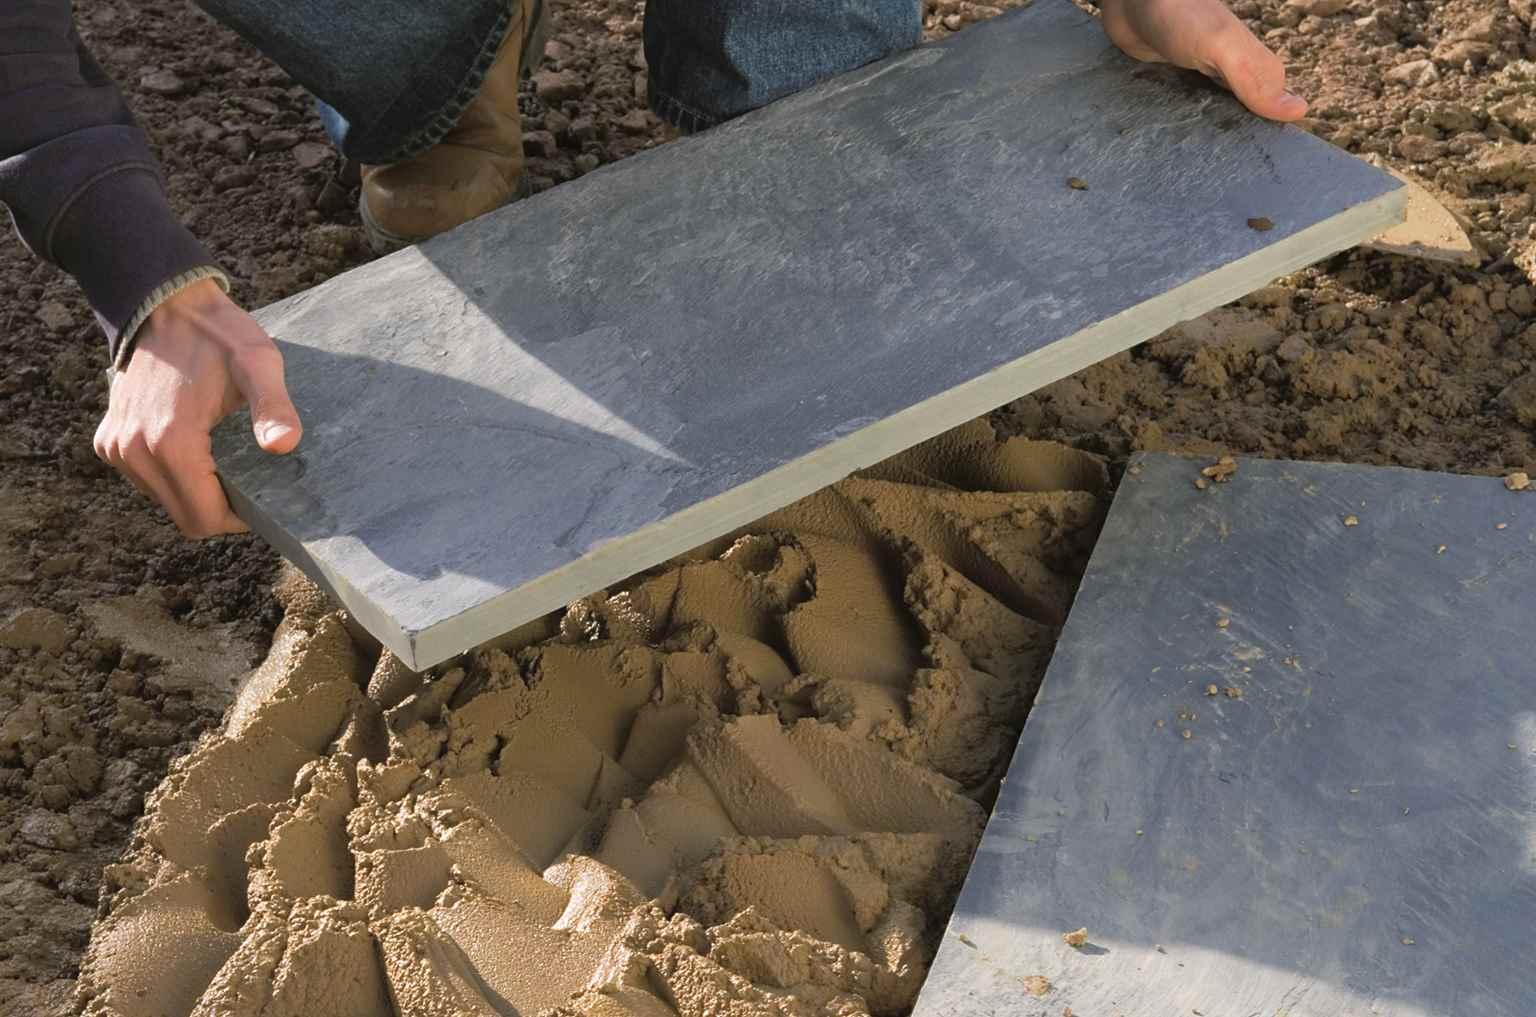 Укладка тротуарной плитки на бетонное основание 63